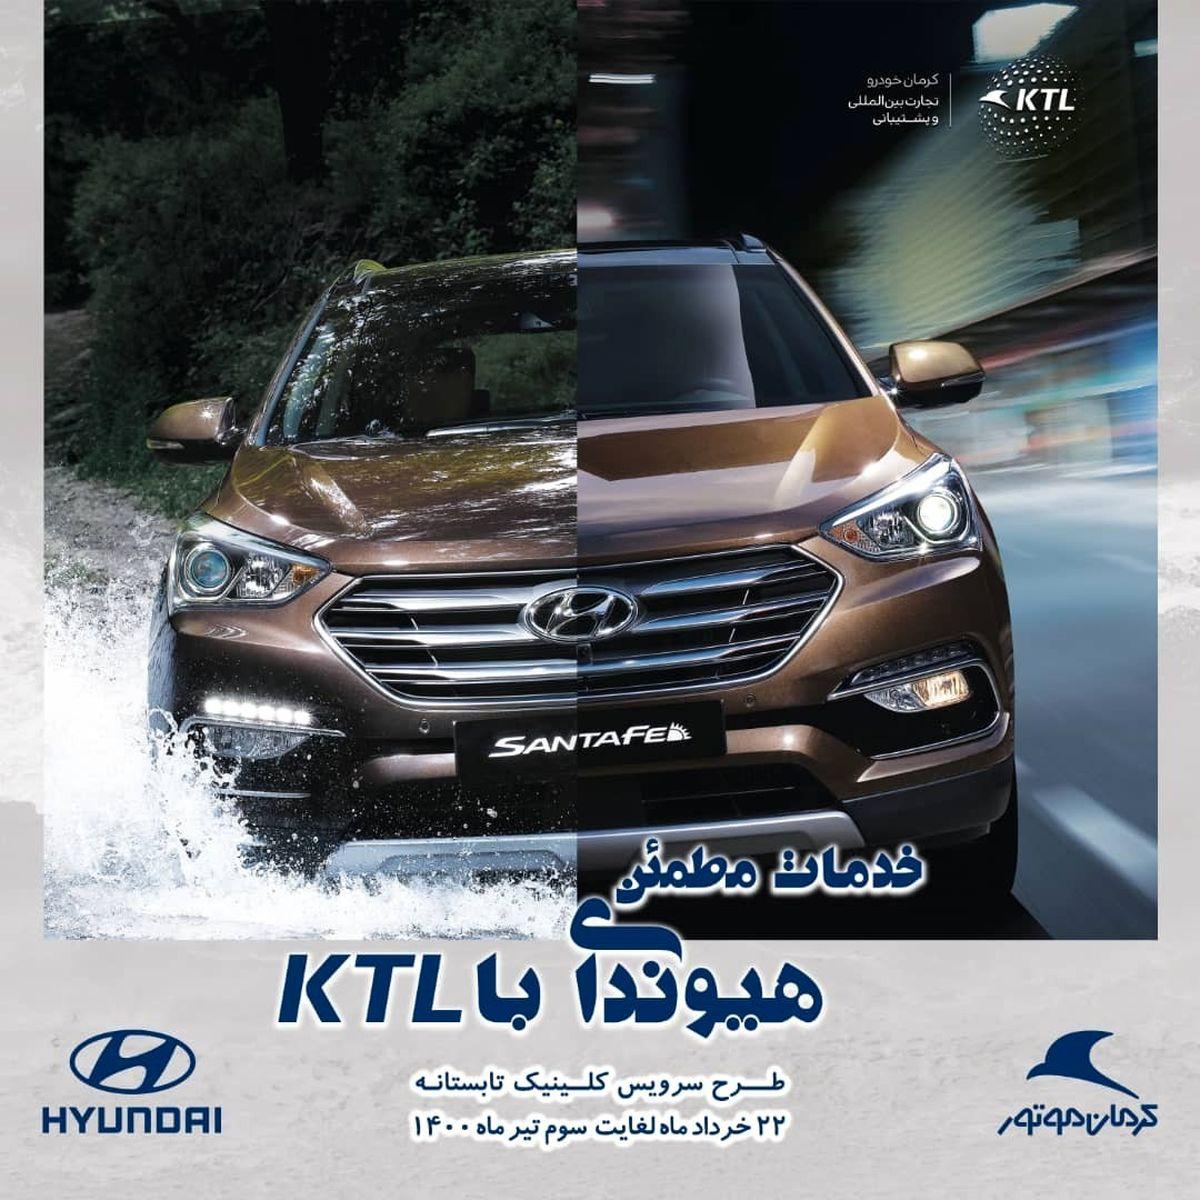 سرویس کلینیک KTL  برای خودروهای سواری هیوندای در ایران